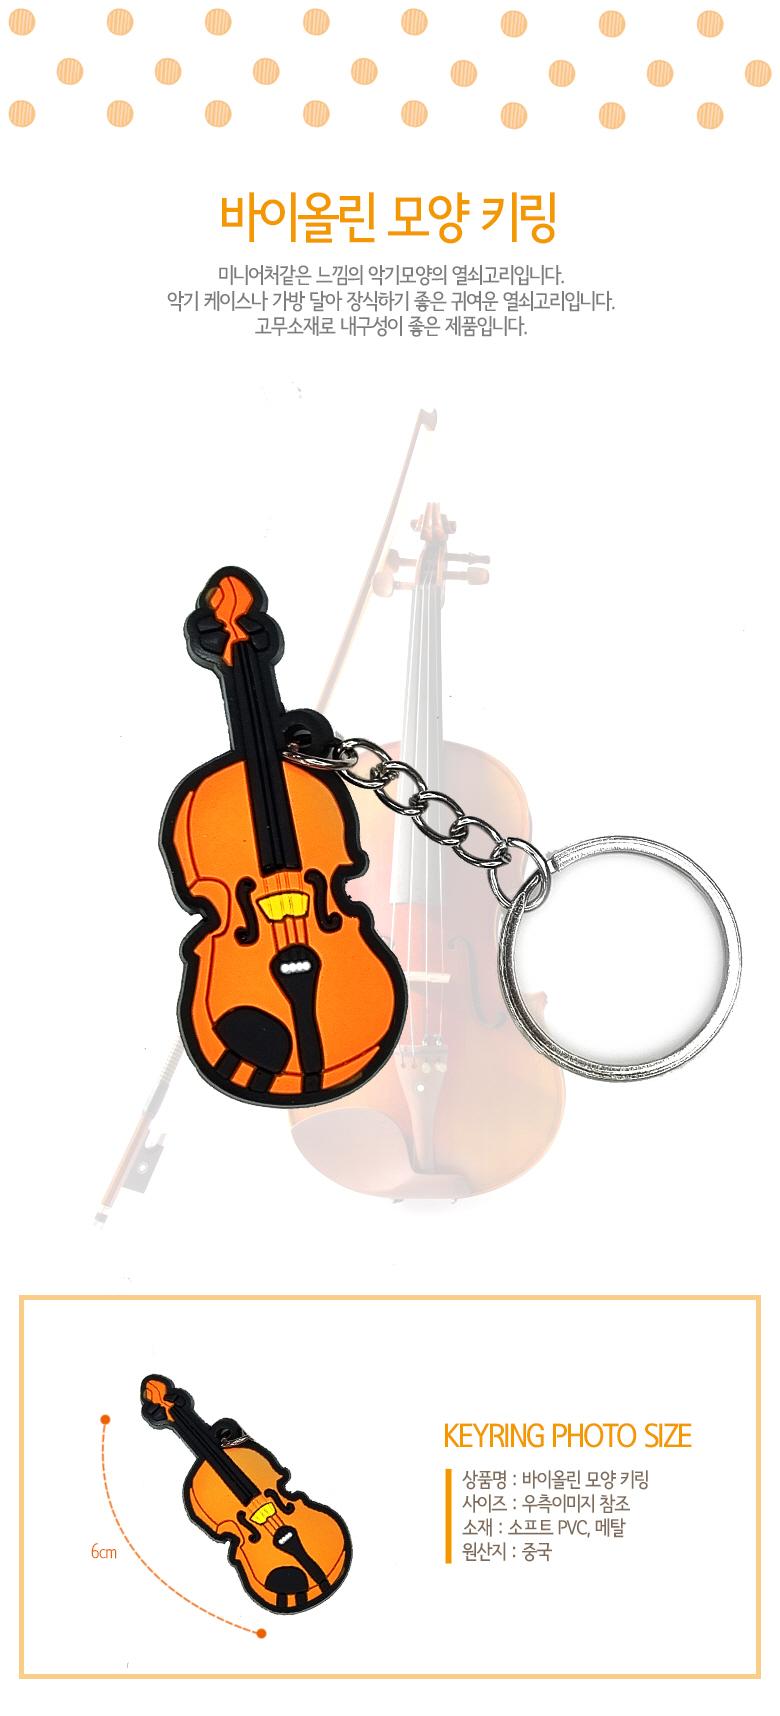 바이올린 모양 키링 악기 열쇠고리 미니어처 - 포스트레이딩, 1,500원, 기타 악기/음향기자재, 기타